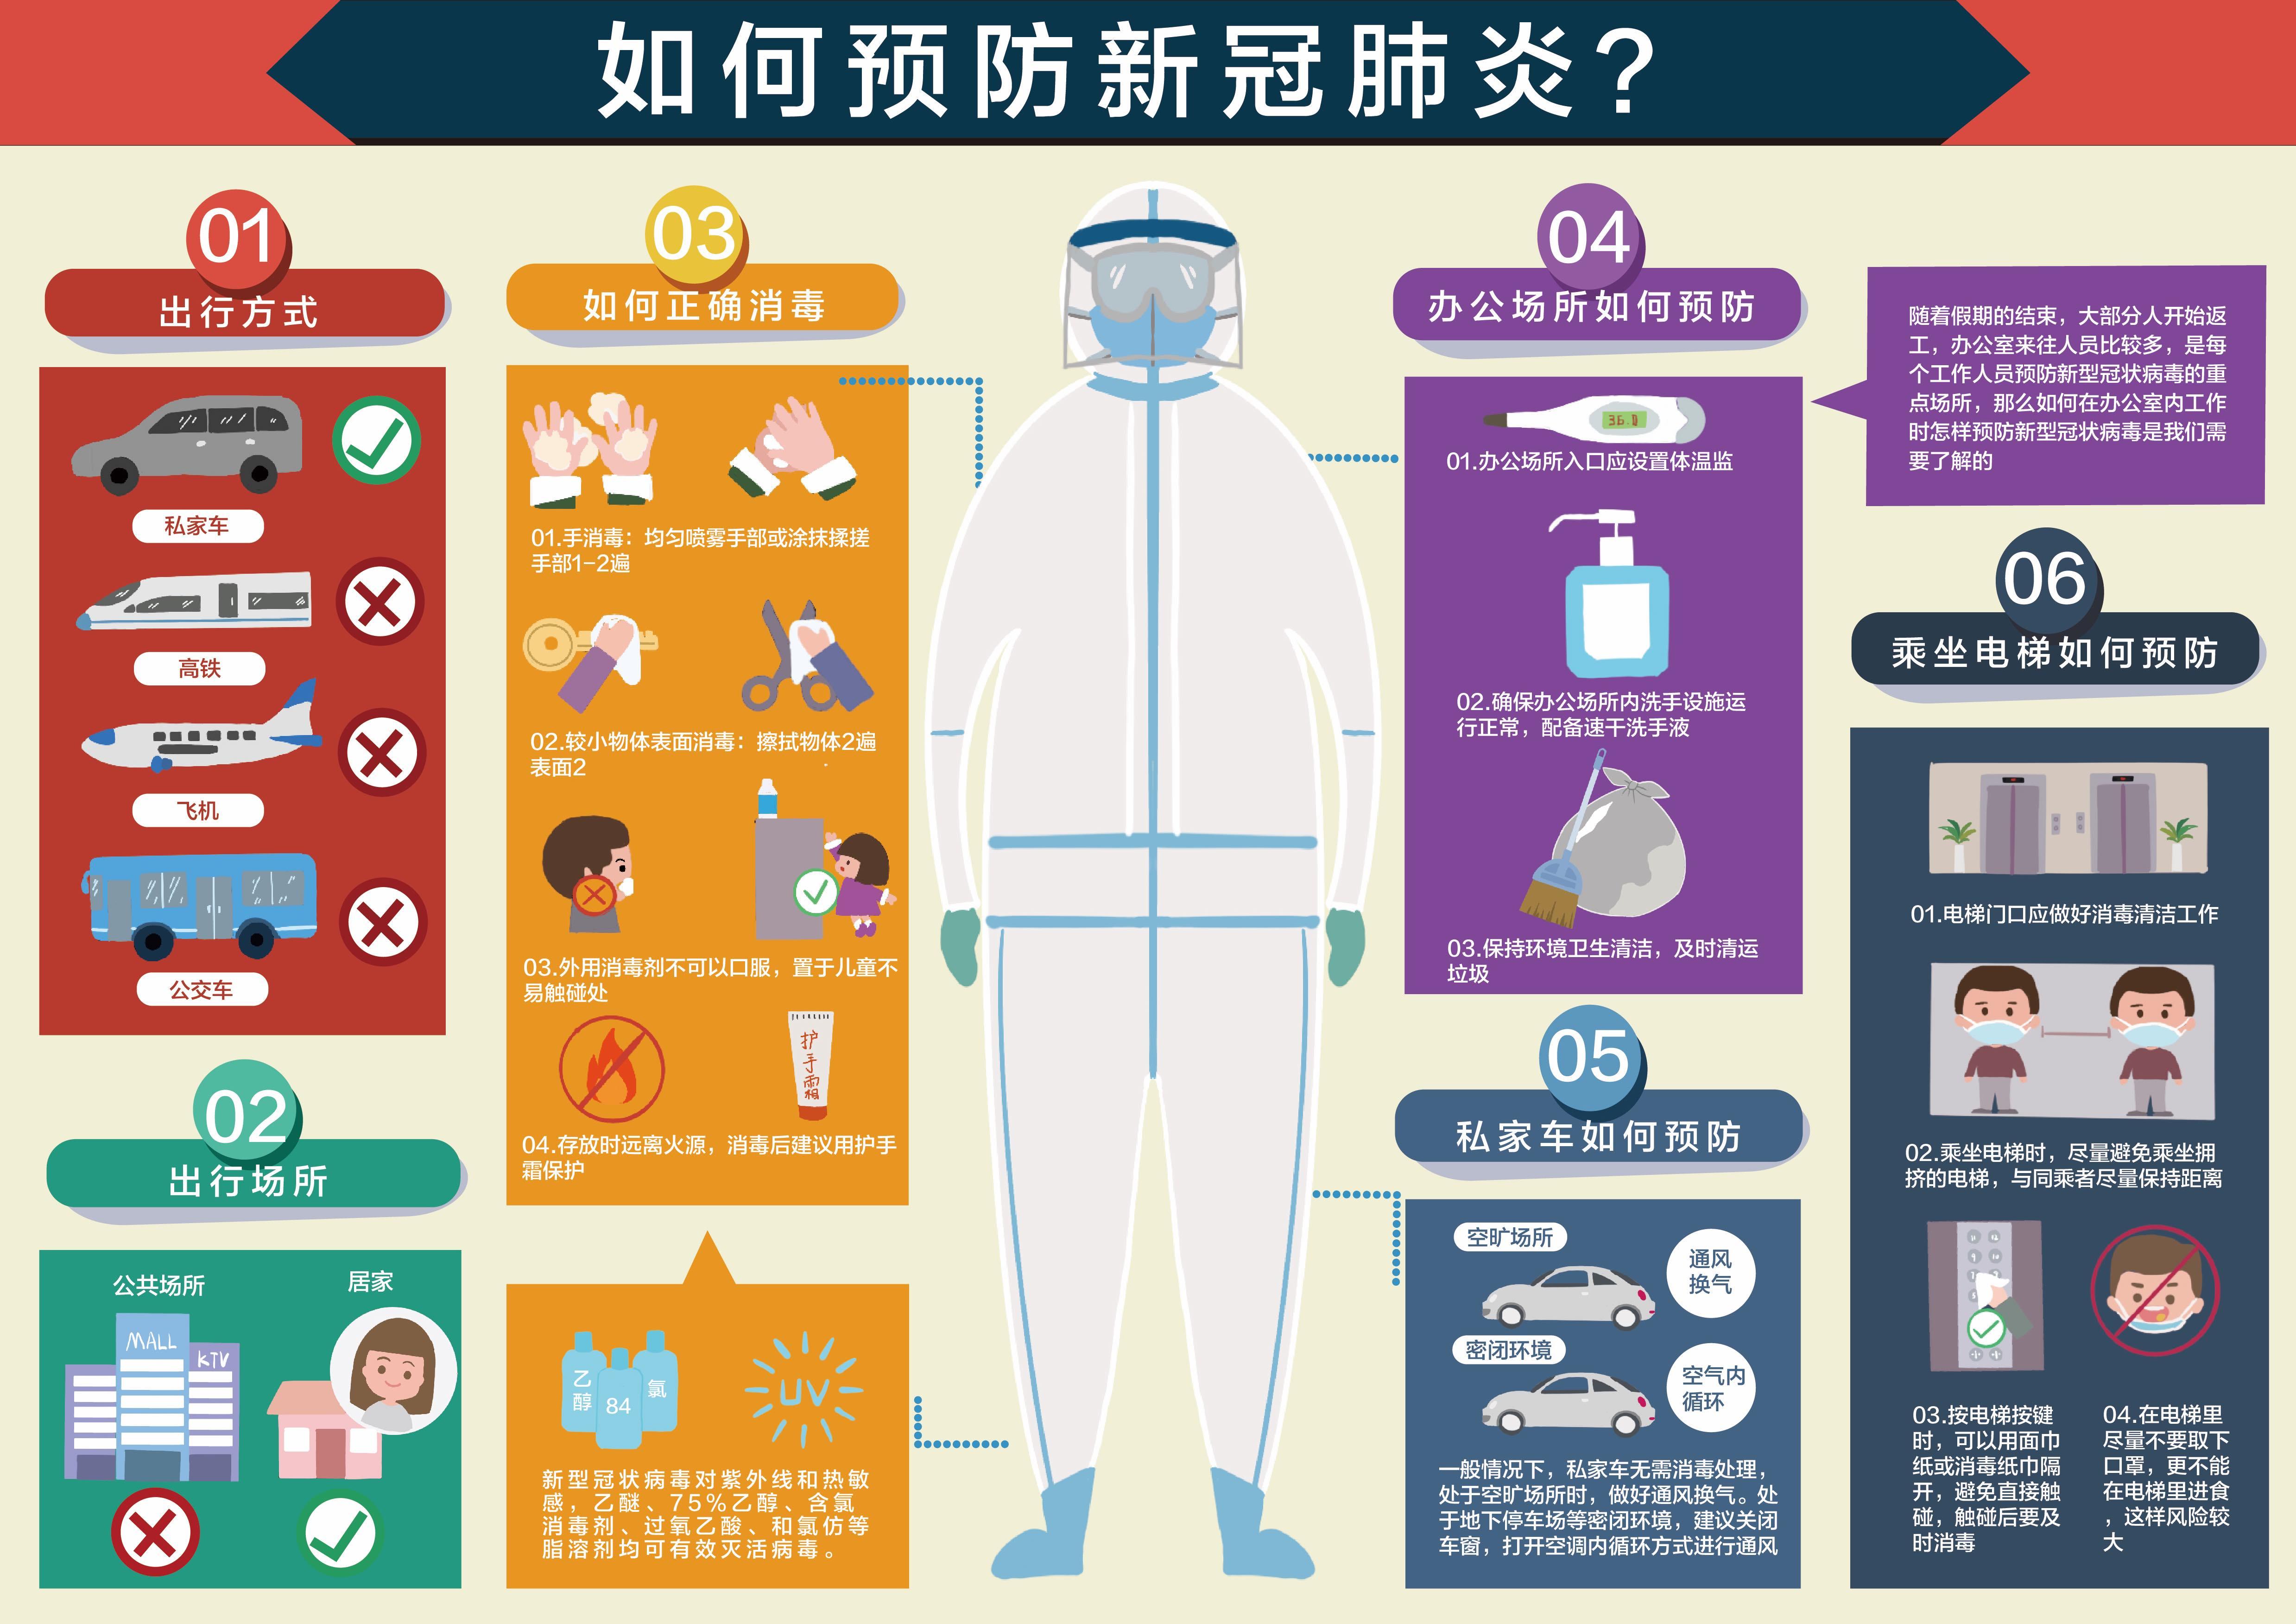 什么是新型冠状病毒+如何预防新冠肺炎(设计者:徐俐妍、龙雨菁、李灵茜、闫喜喜)